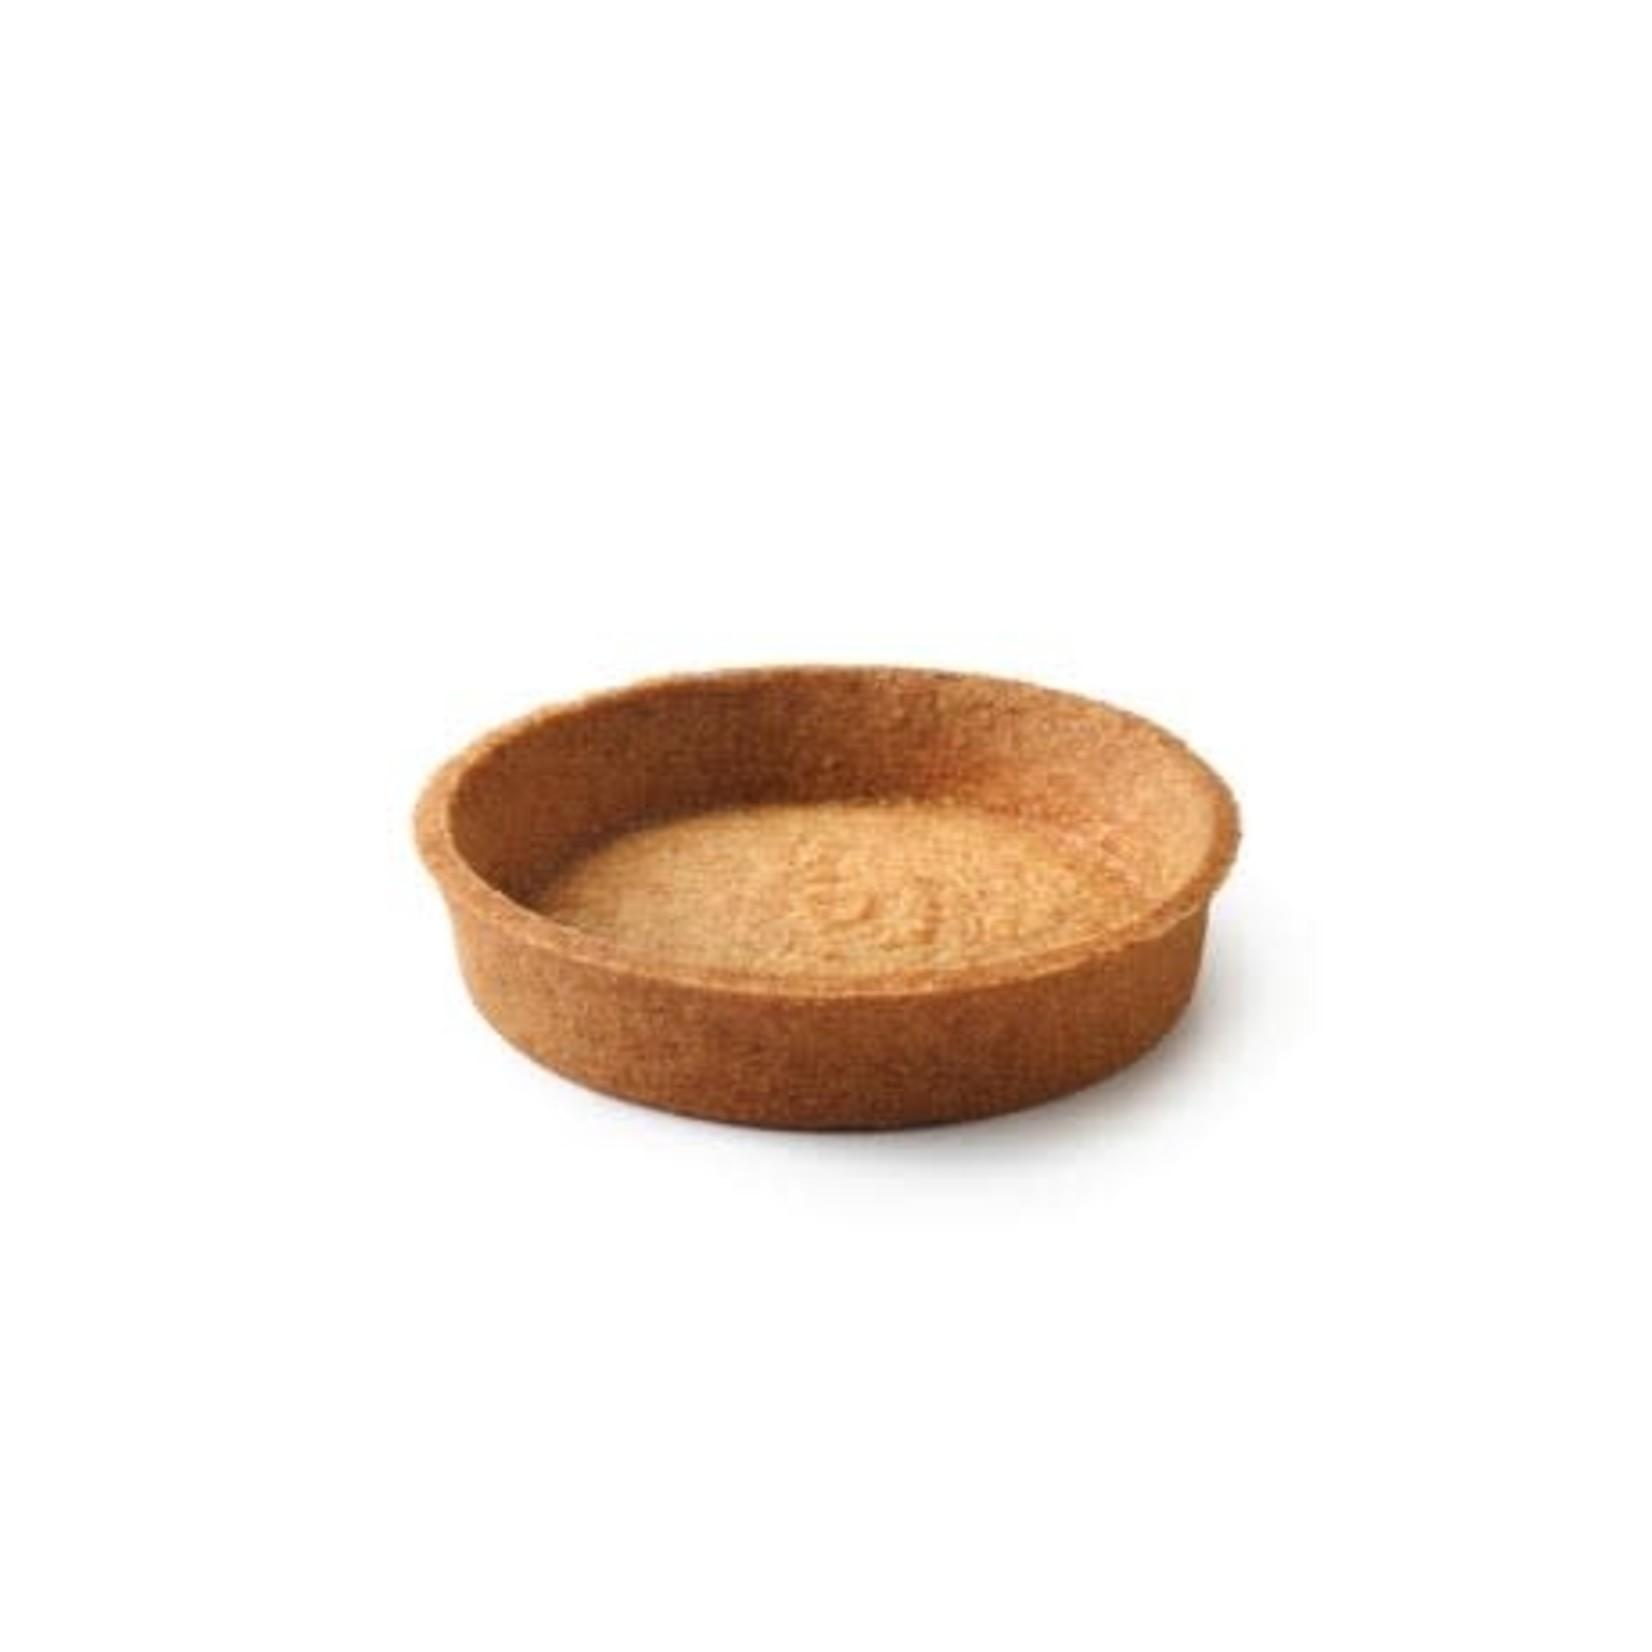 Pidy Pidy - Tart shell, Graham round - 4'' (72ct), 334.98.072US